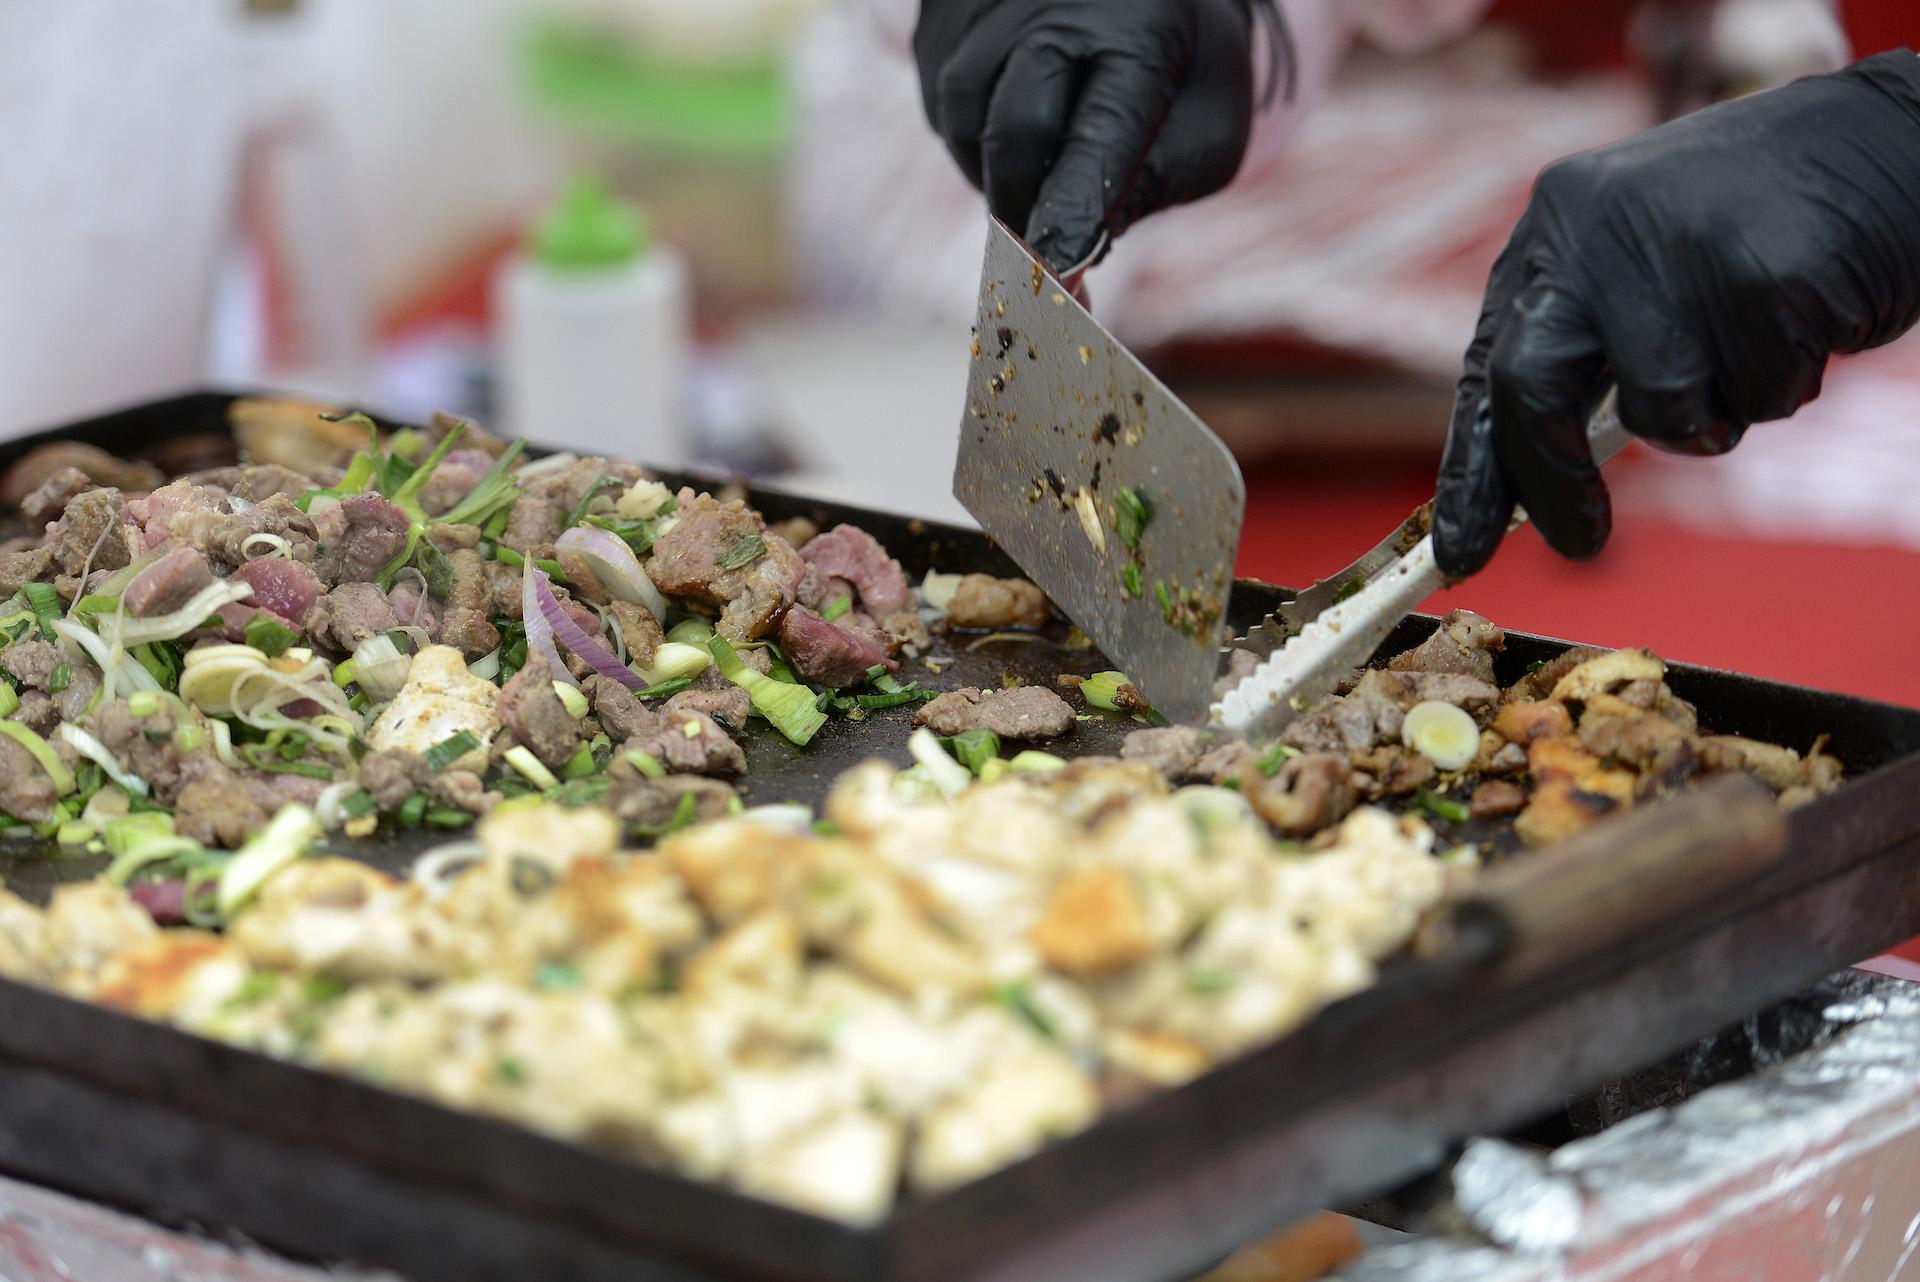 Verdadera comida china. El Año Nuevo es un evento que se vive con todos los sentidos.